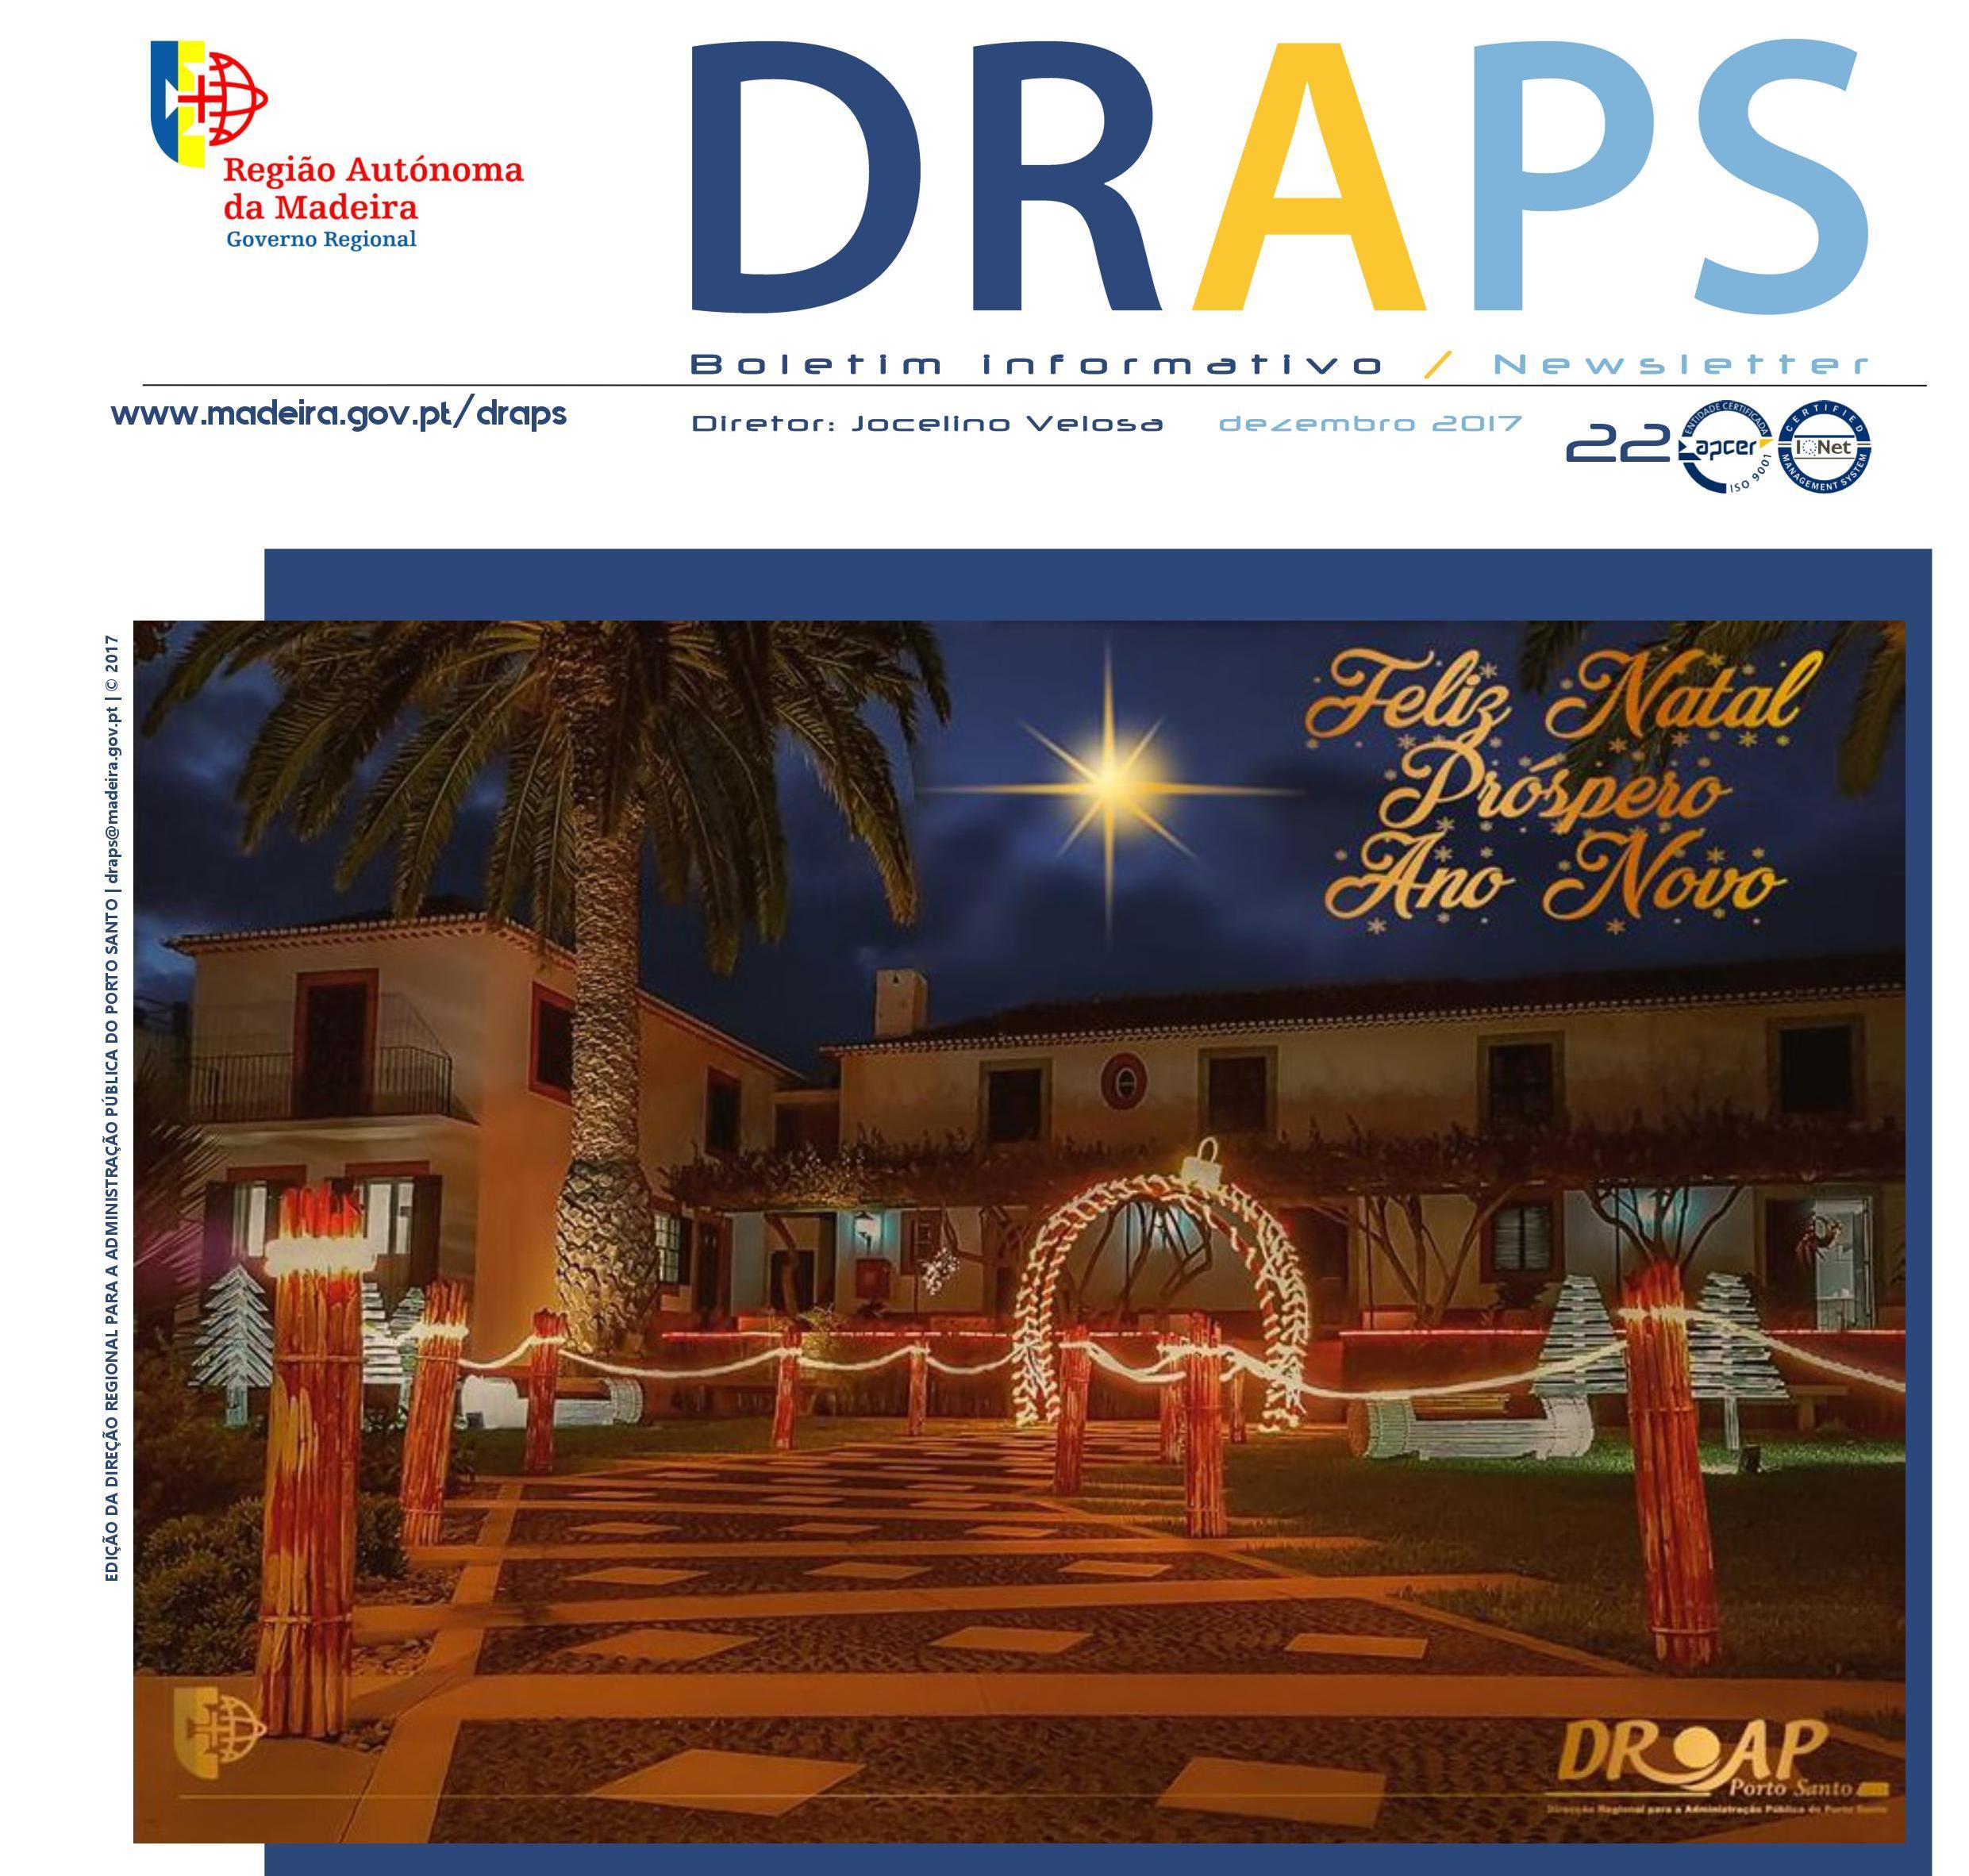 Boletim Informativo / Newsletter n.º 22 - especial Natal 2017